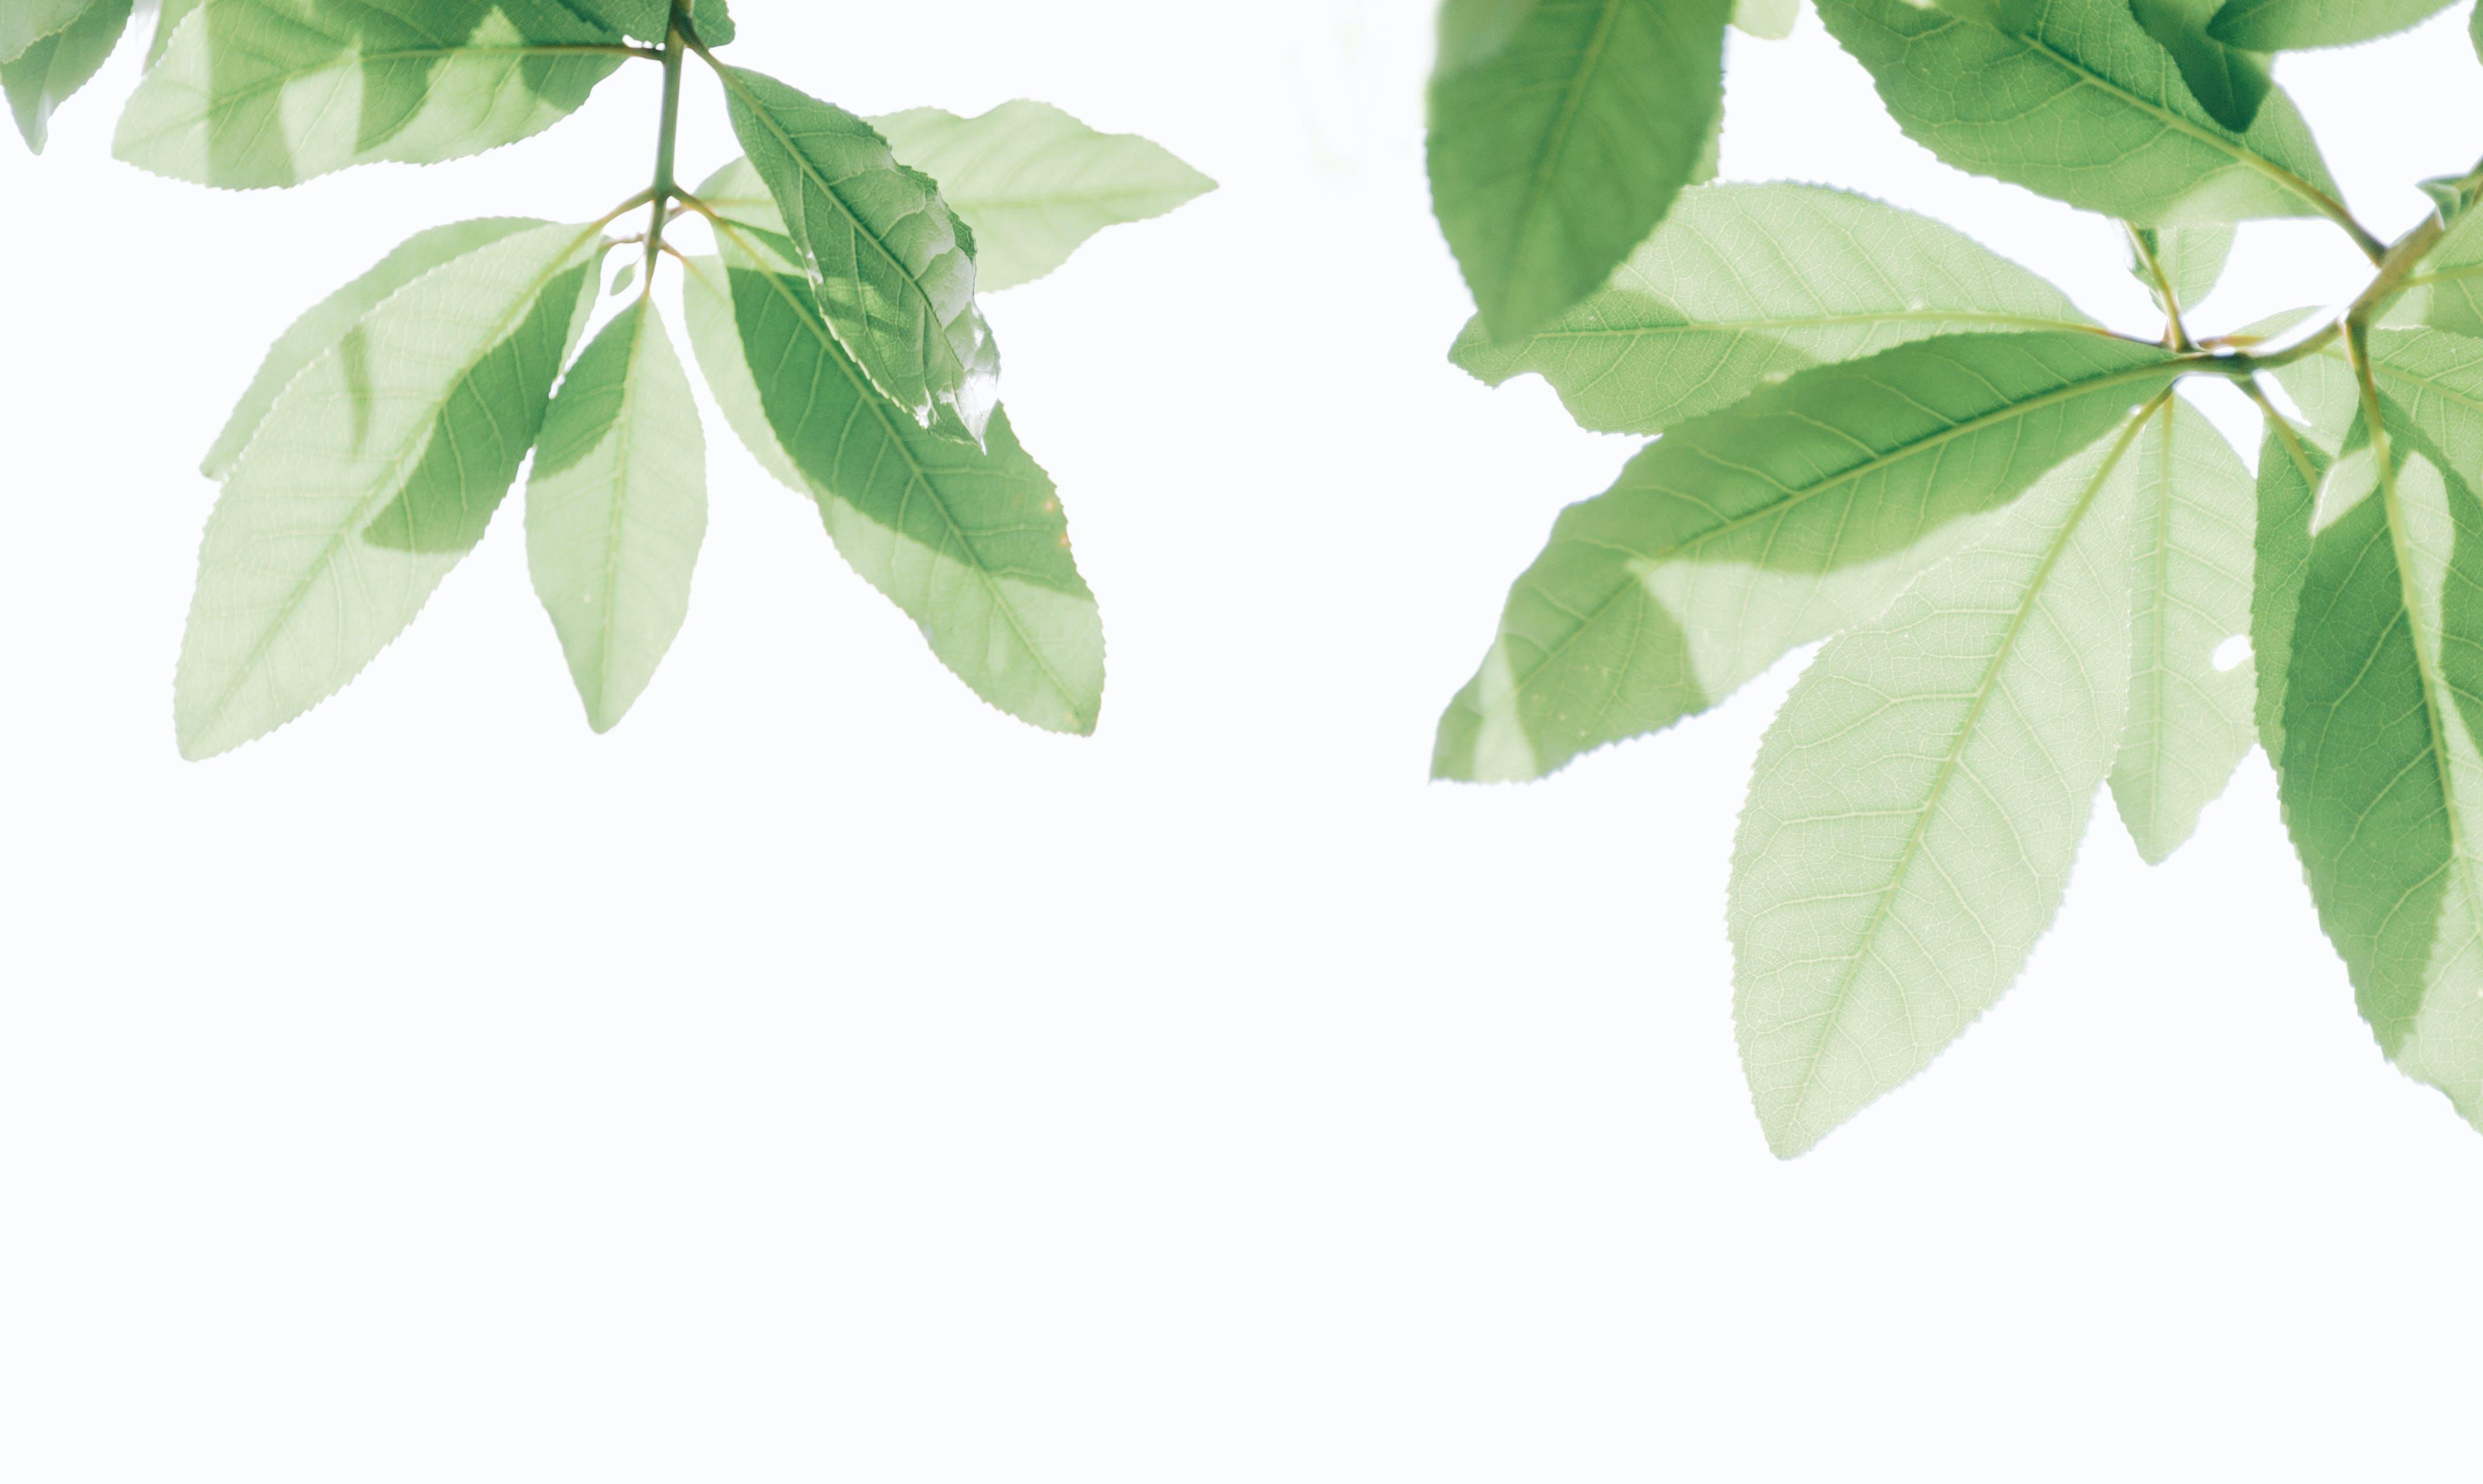 zu ast, baum, desktop hintergrundbilder, frische